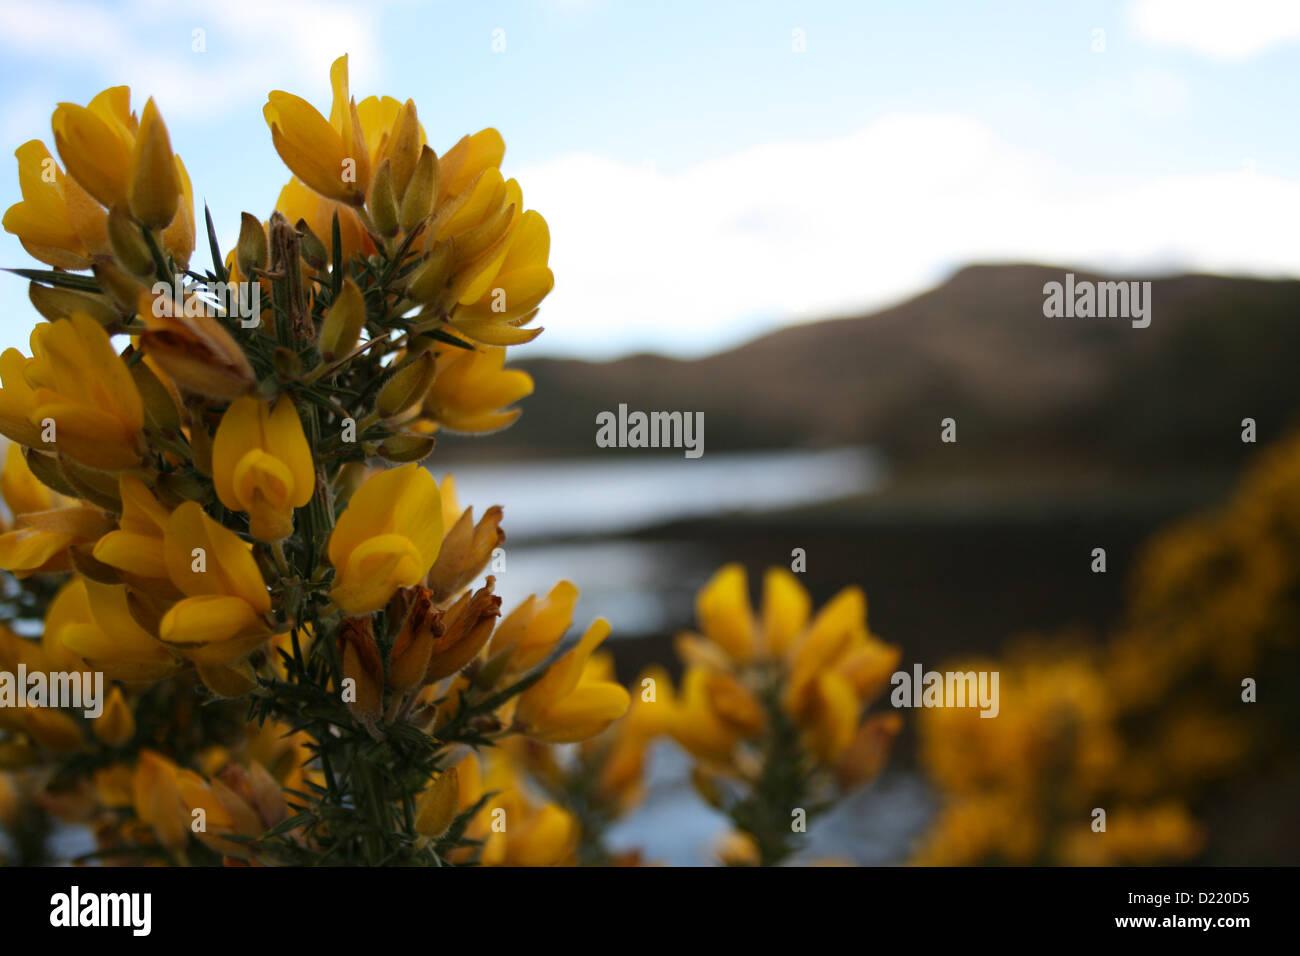 Fiori Gialli Scozia.Fiori Gialli In Scozia Foto Immagine Stock 52904689 Alamy